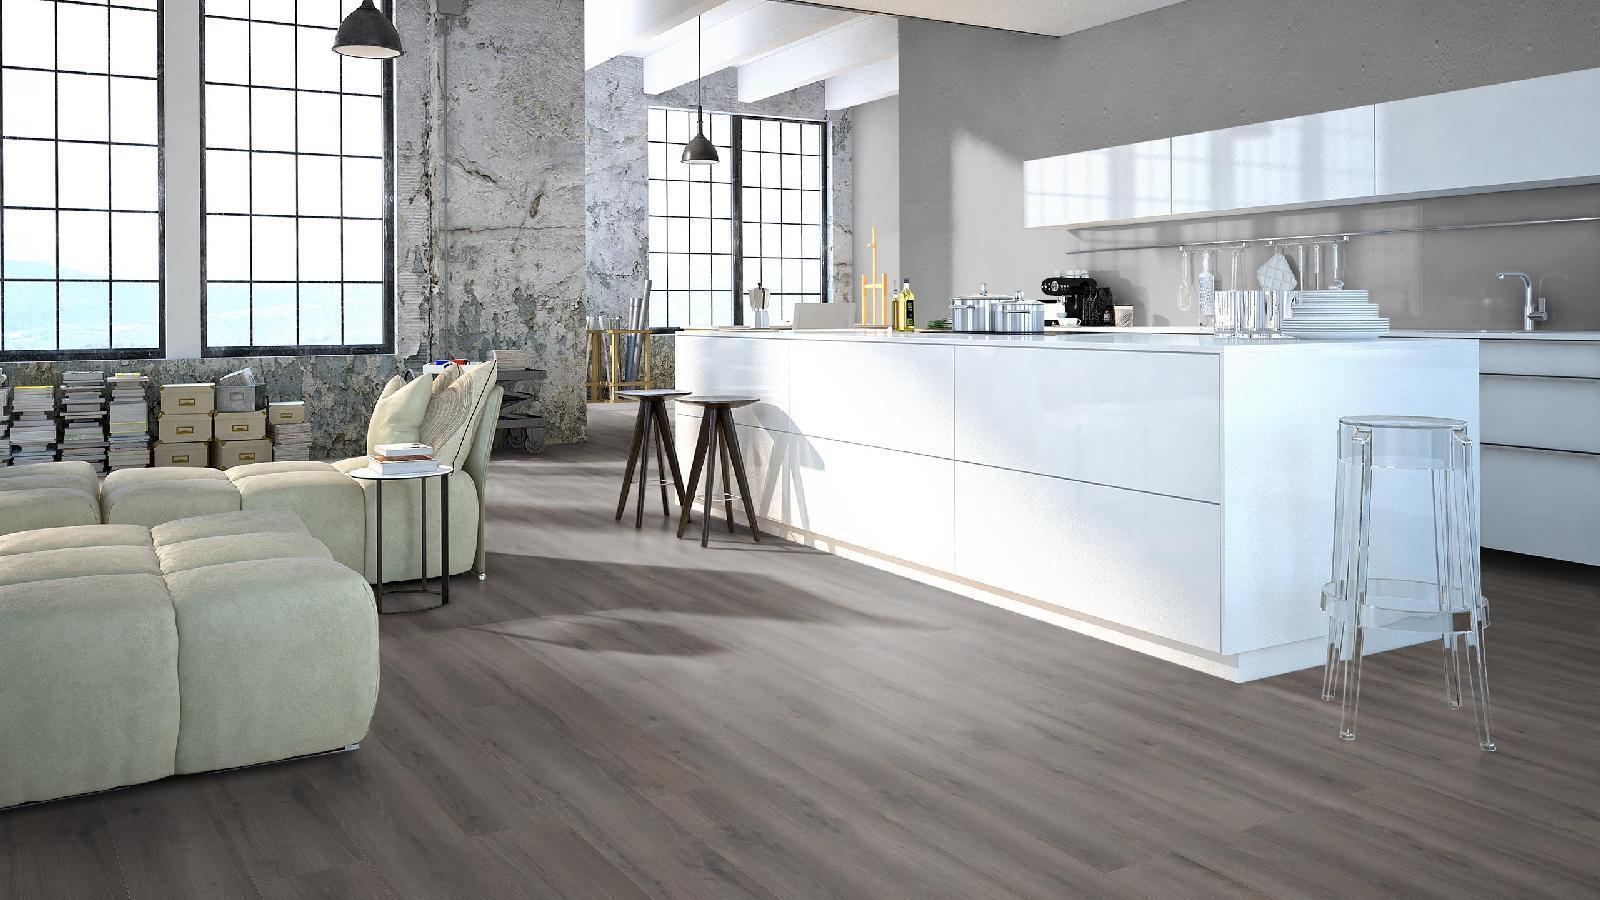 how to embrace the greige flooring trend flooring depot blog. Black Bedroom Furniture Sets. Home Design Ideas